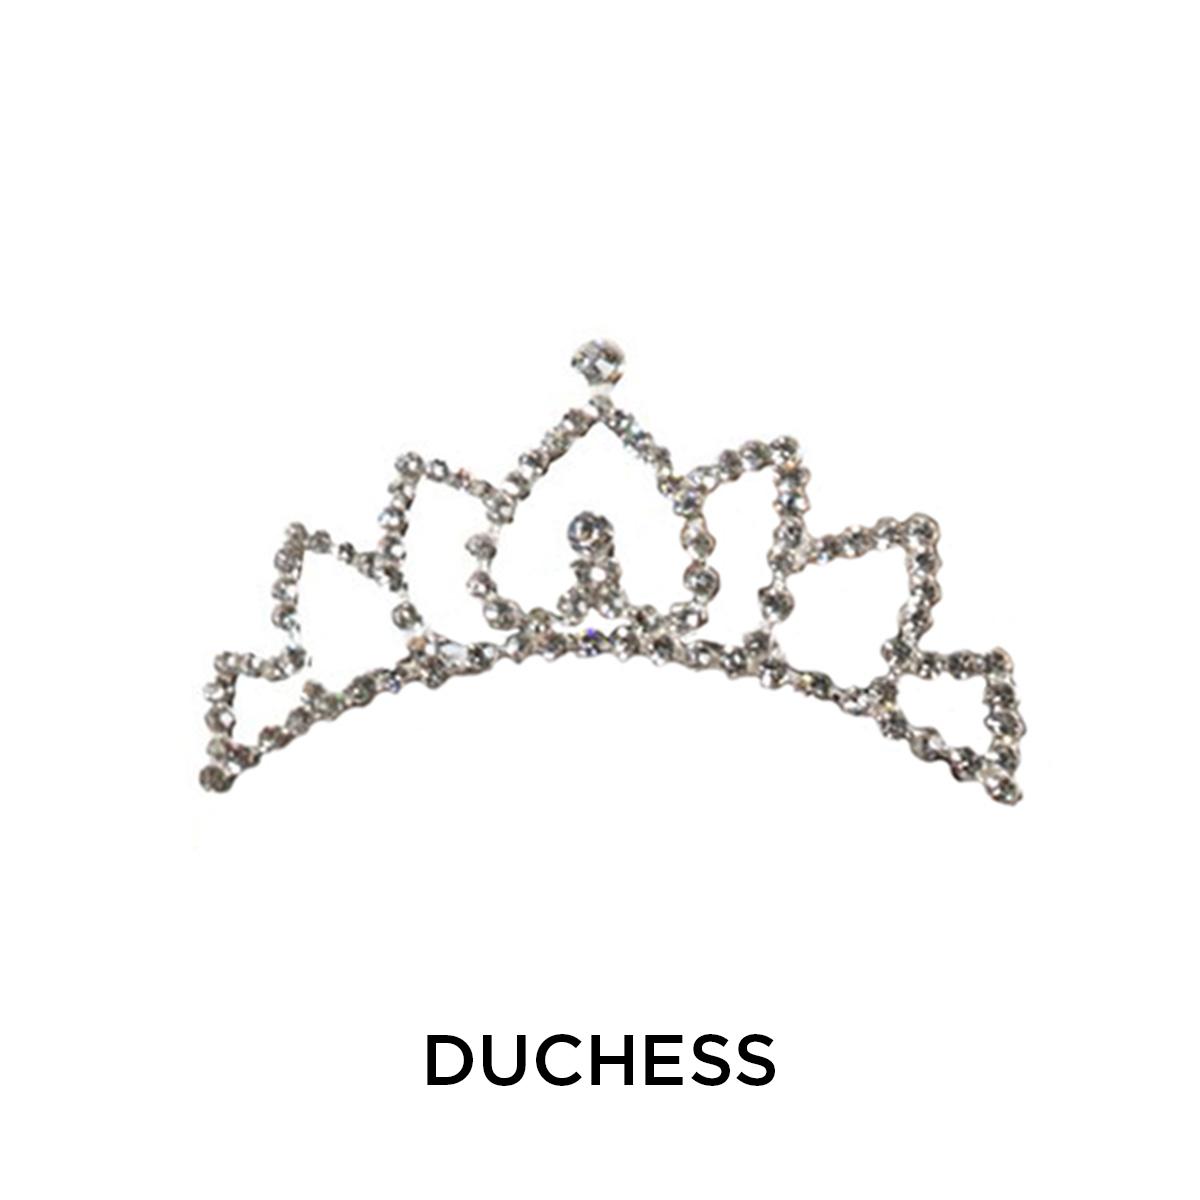 H050-Silver-Duchess-1.jpg